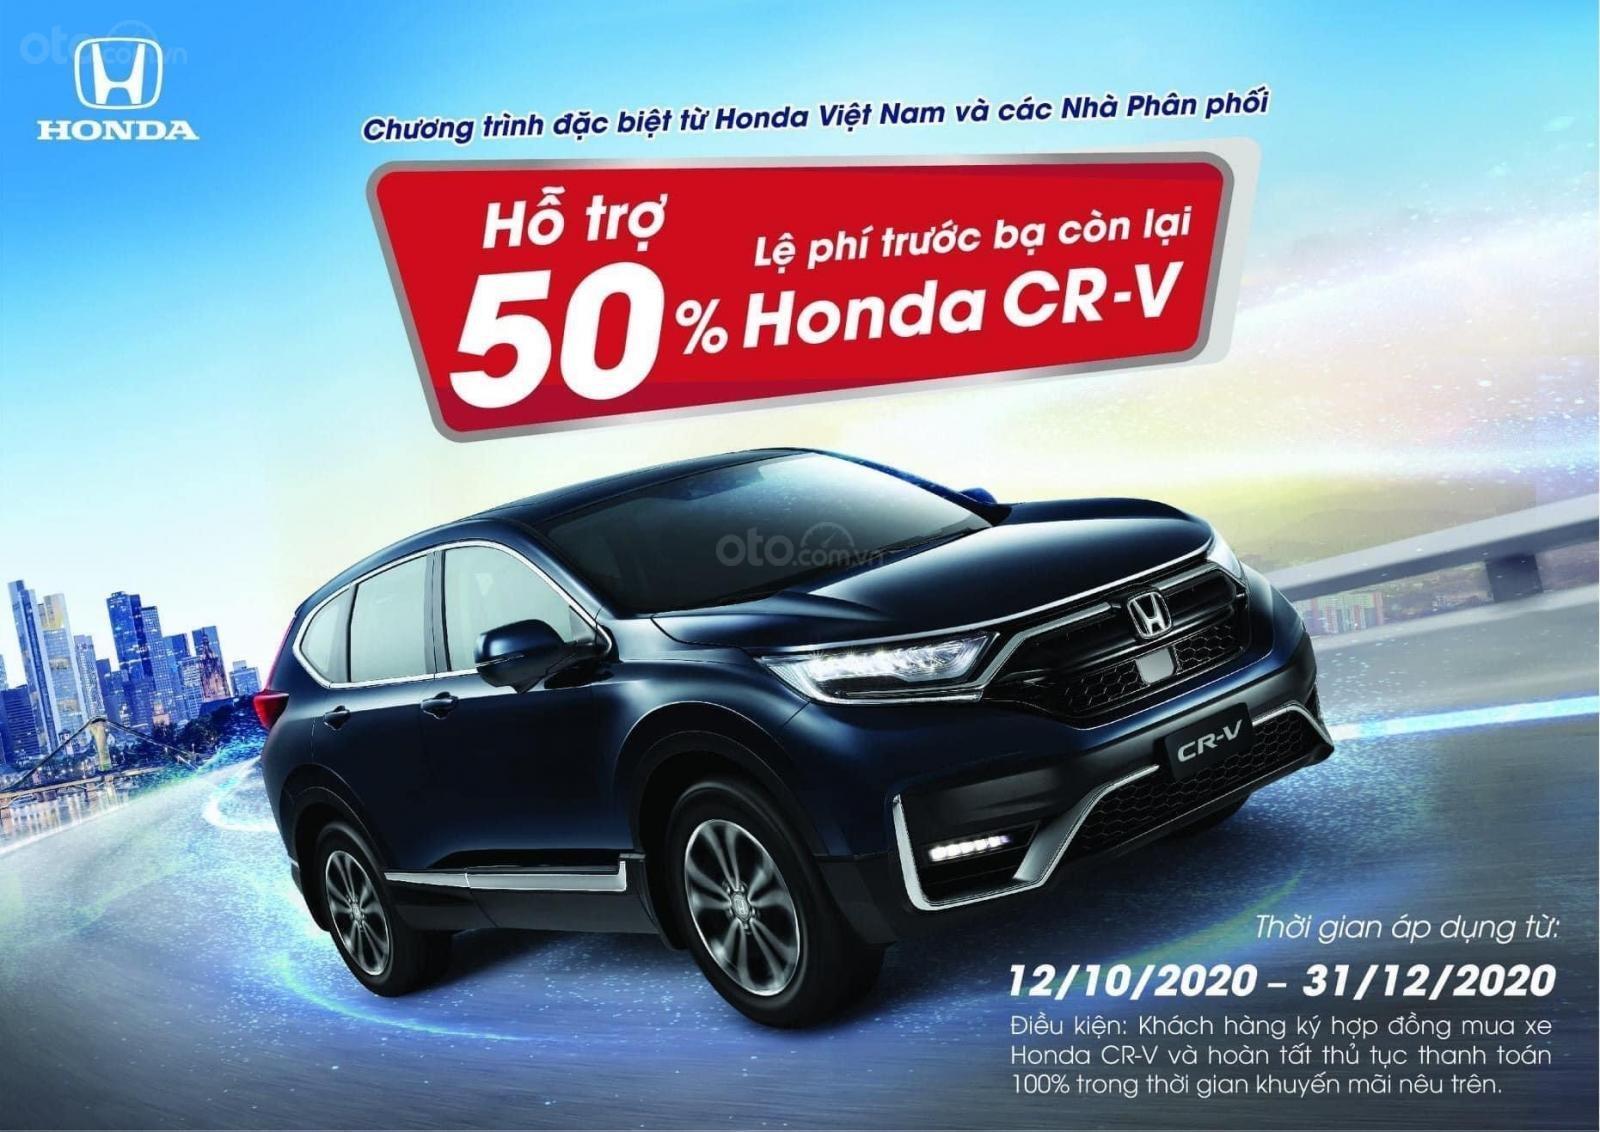 Honda CR-V, ưu đãi cực khủng - hỗ trợ 50% phí trước bạ còn lại (1)